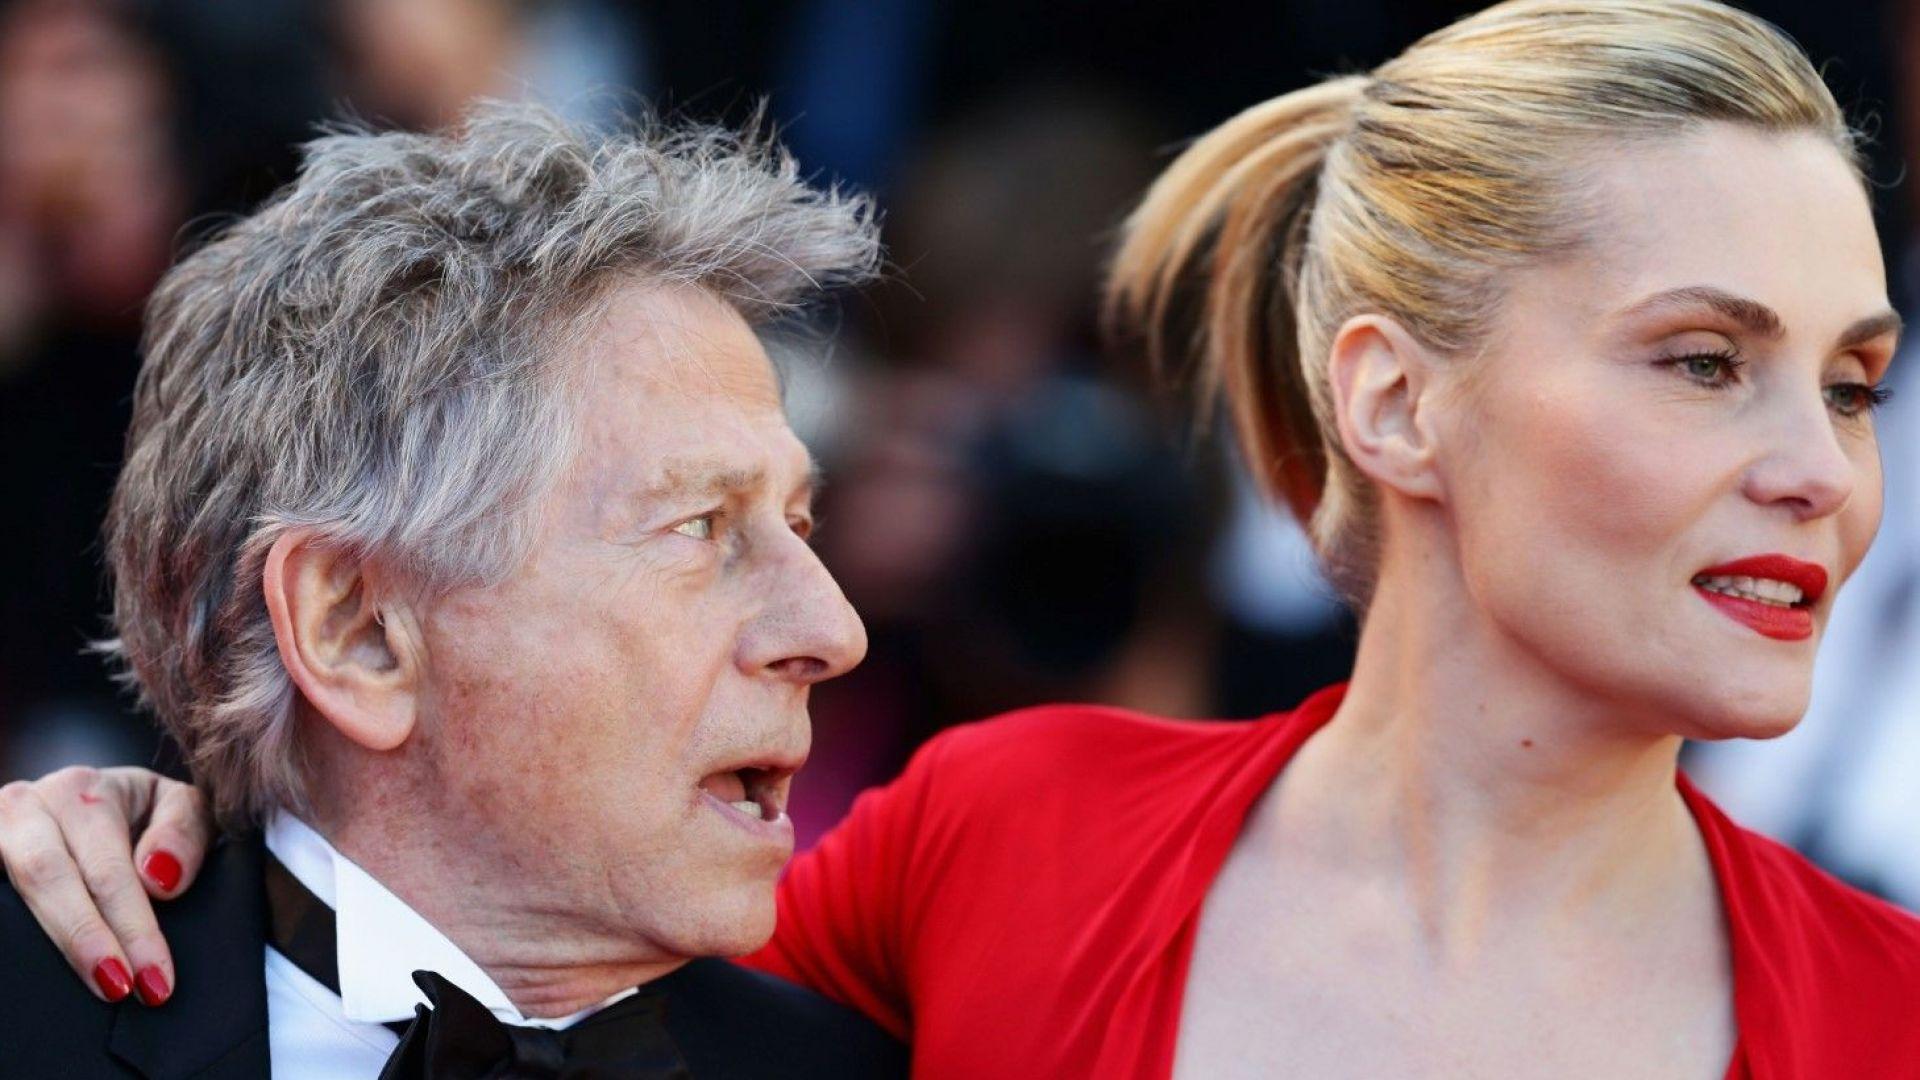 Съпругата на Полански отказа да стане член на американската киноакадемия